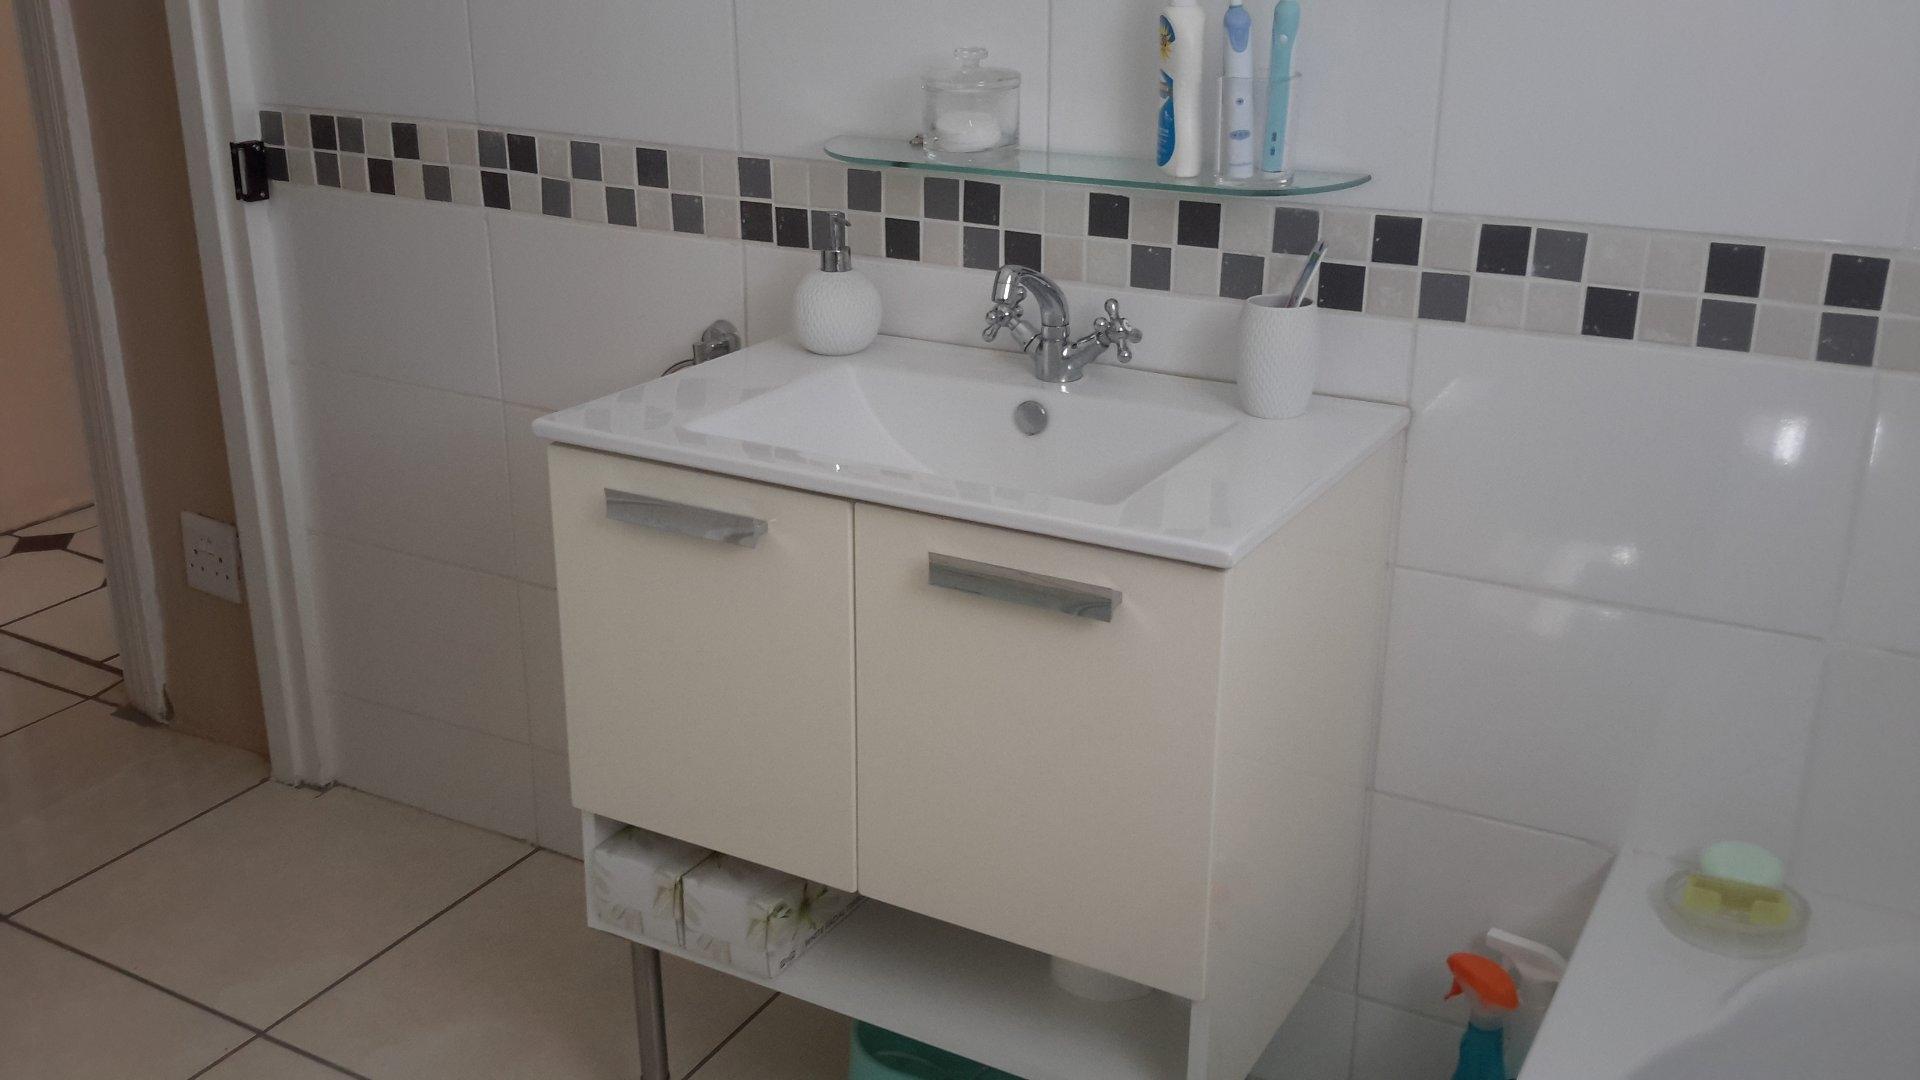 Wash basin and stand